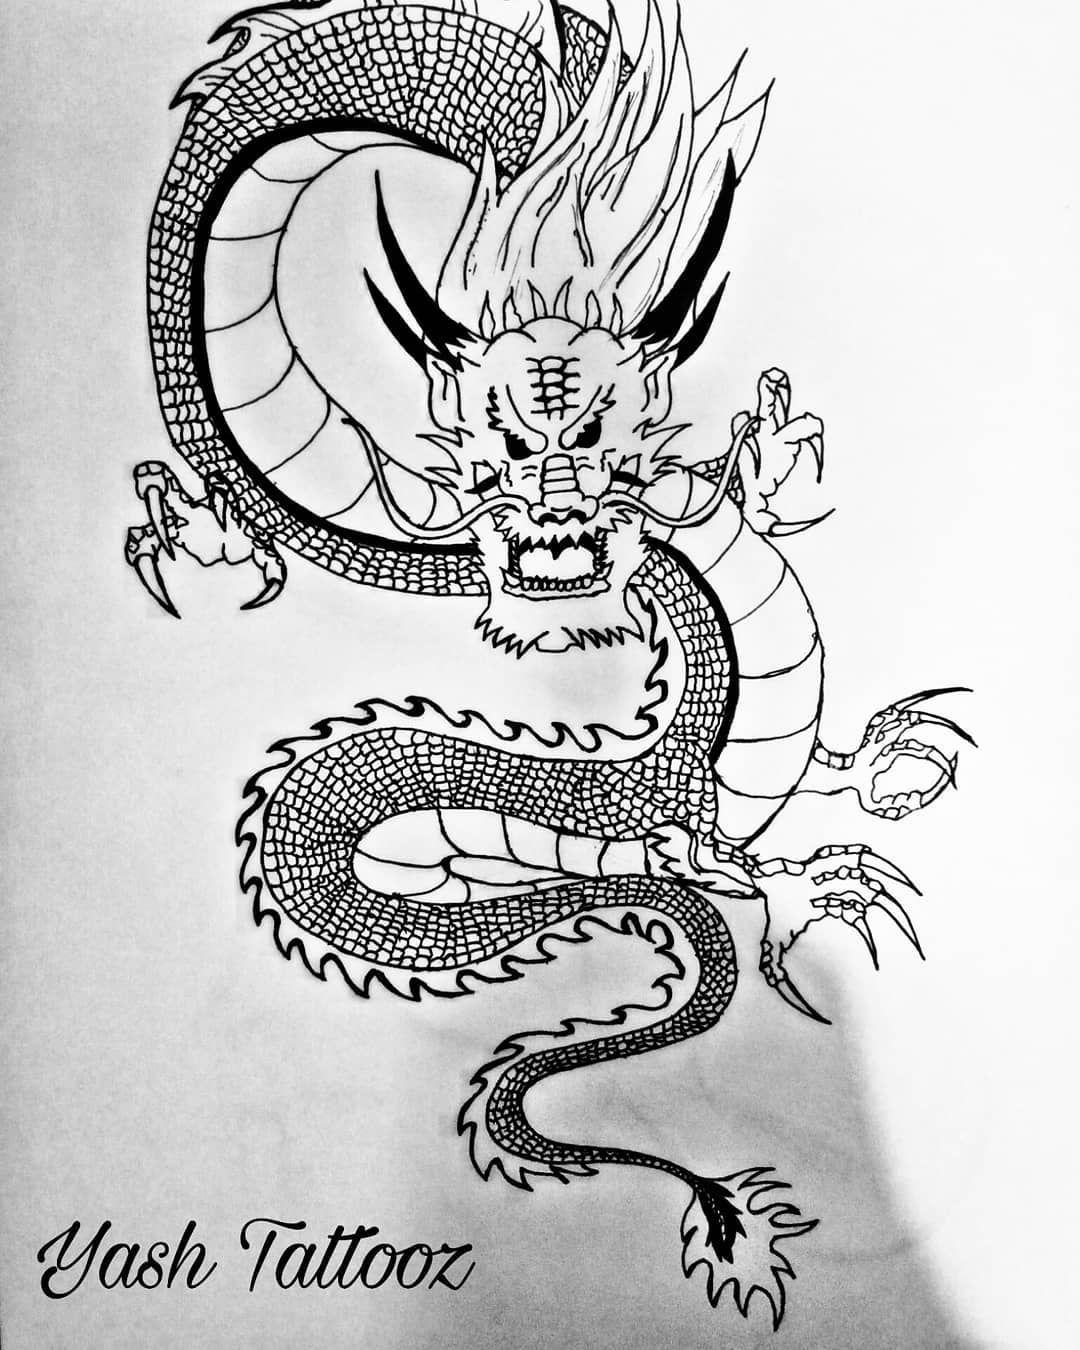 Tattoo Tattoos Tattoosleeve Tattooideas Tattoostyle Blackwork Tattooist Tattooing Art Yash Surat Artist India T Dragon Tattoo Drawings Tattoo Work